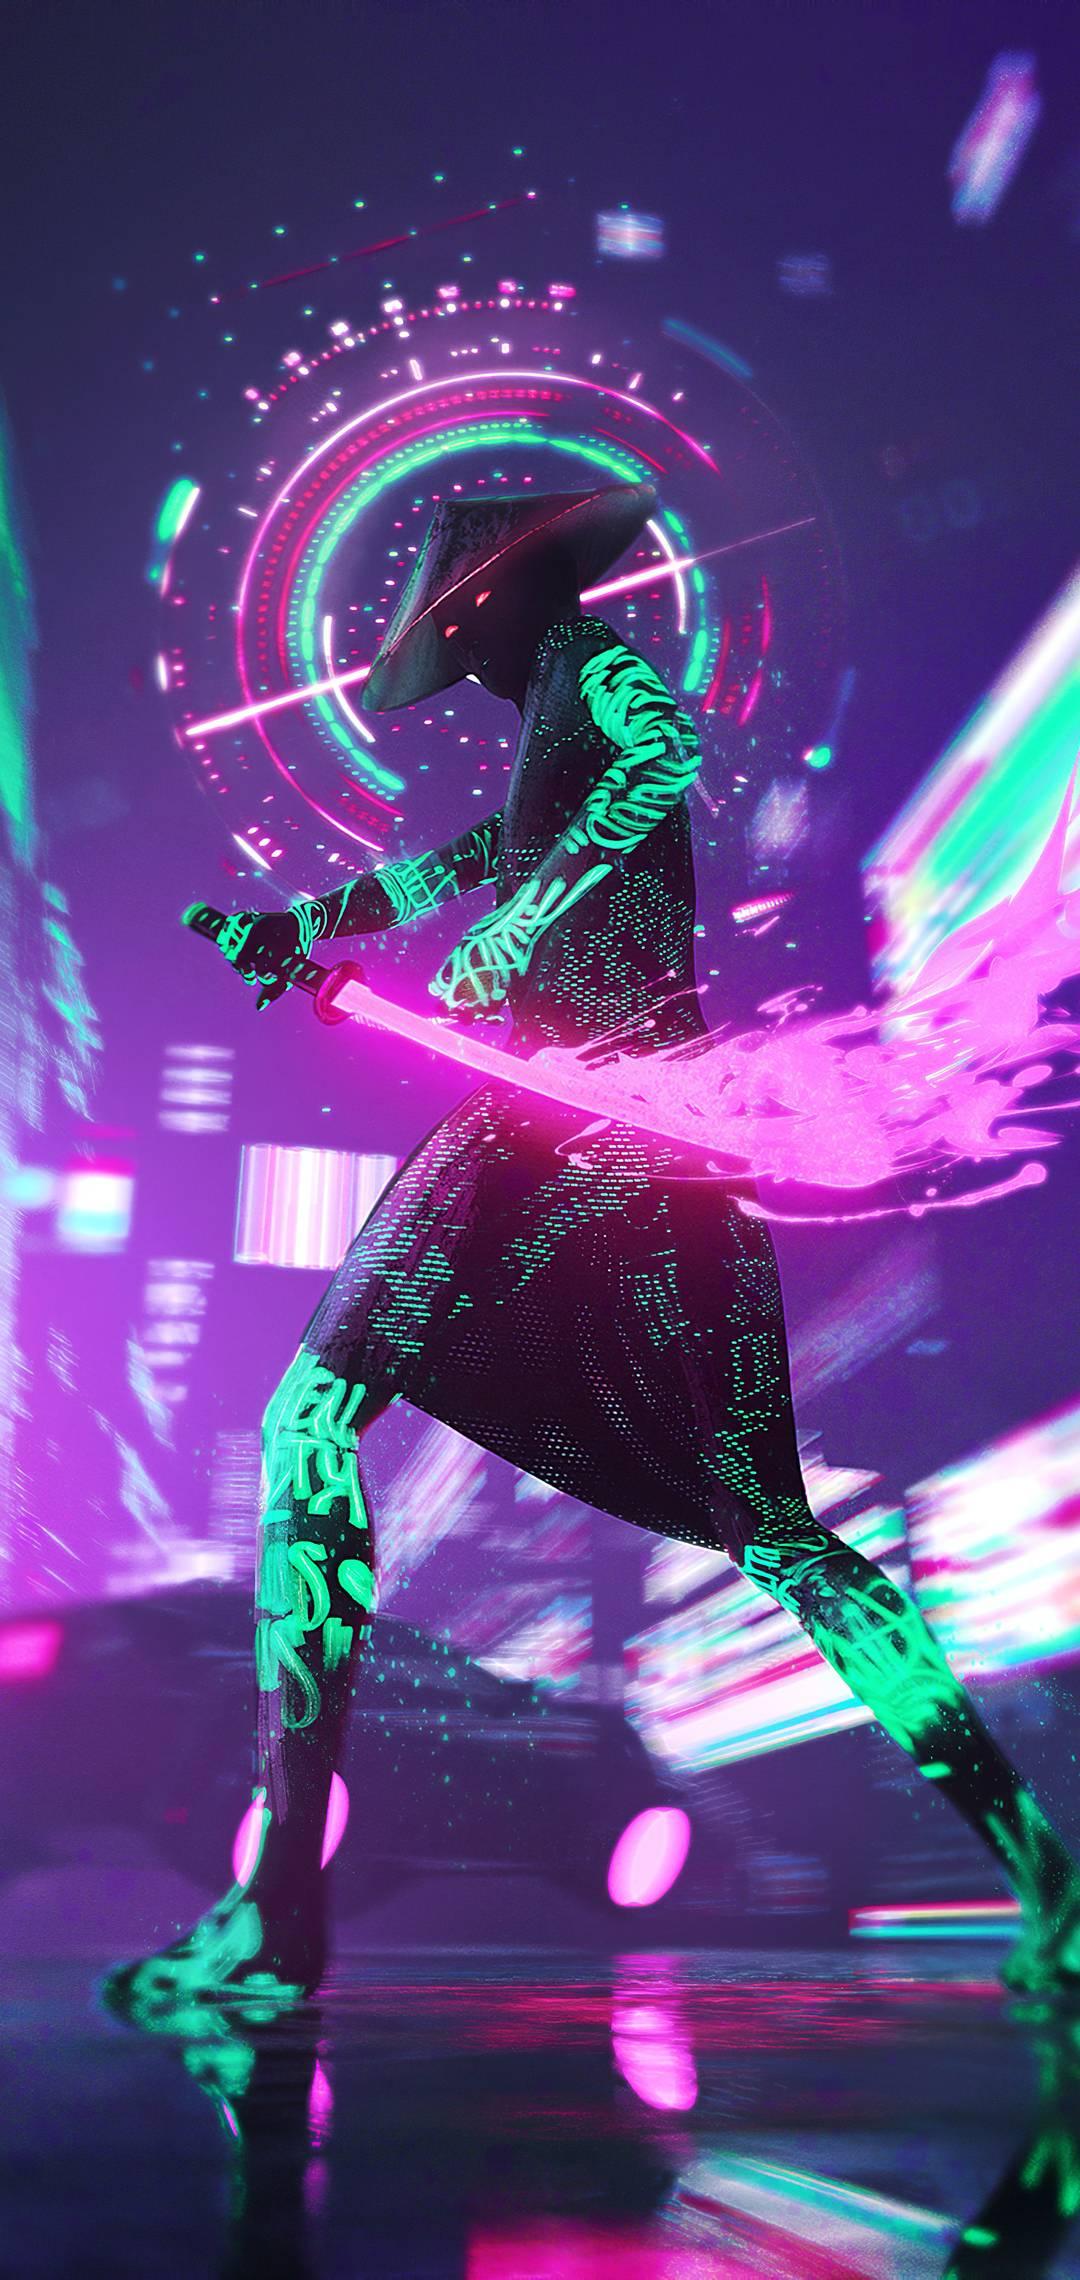 Неоновый самурай Япония самурай оружие ночь неон киберпанк